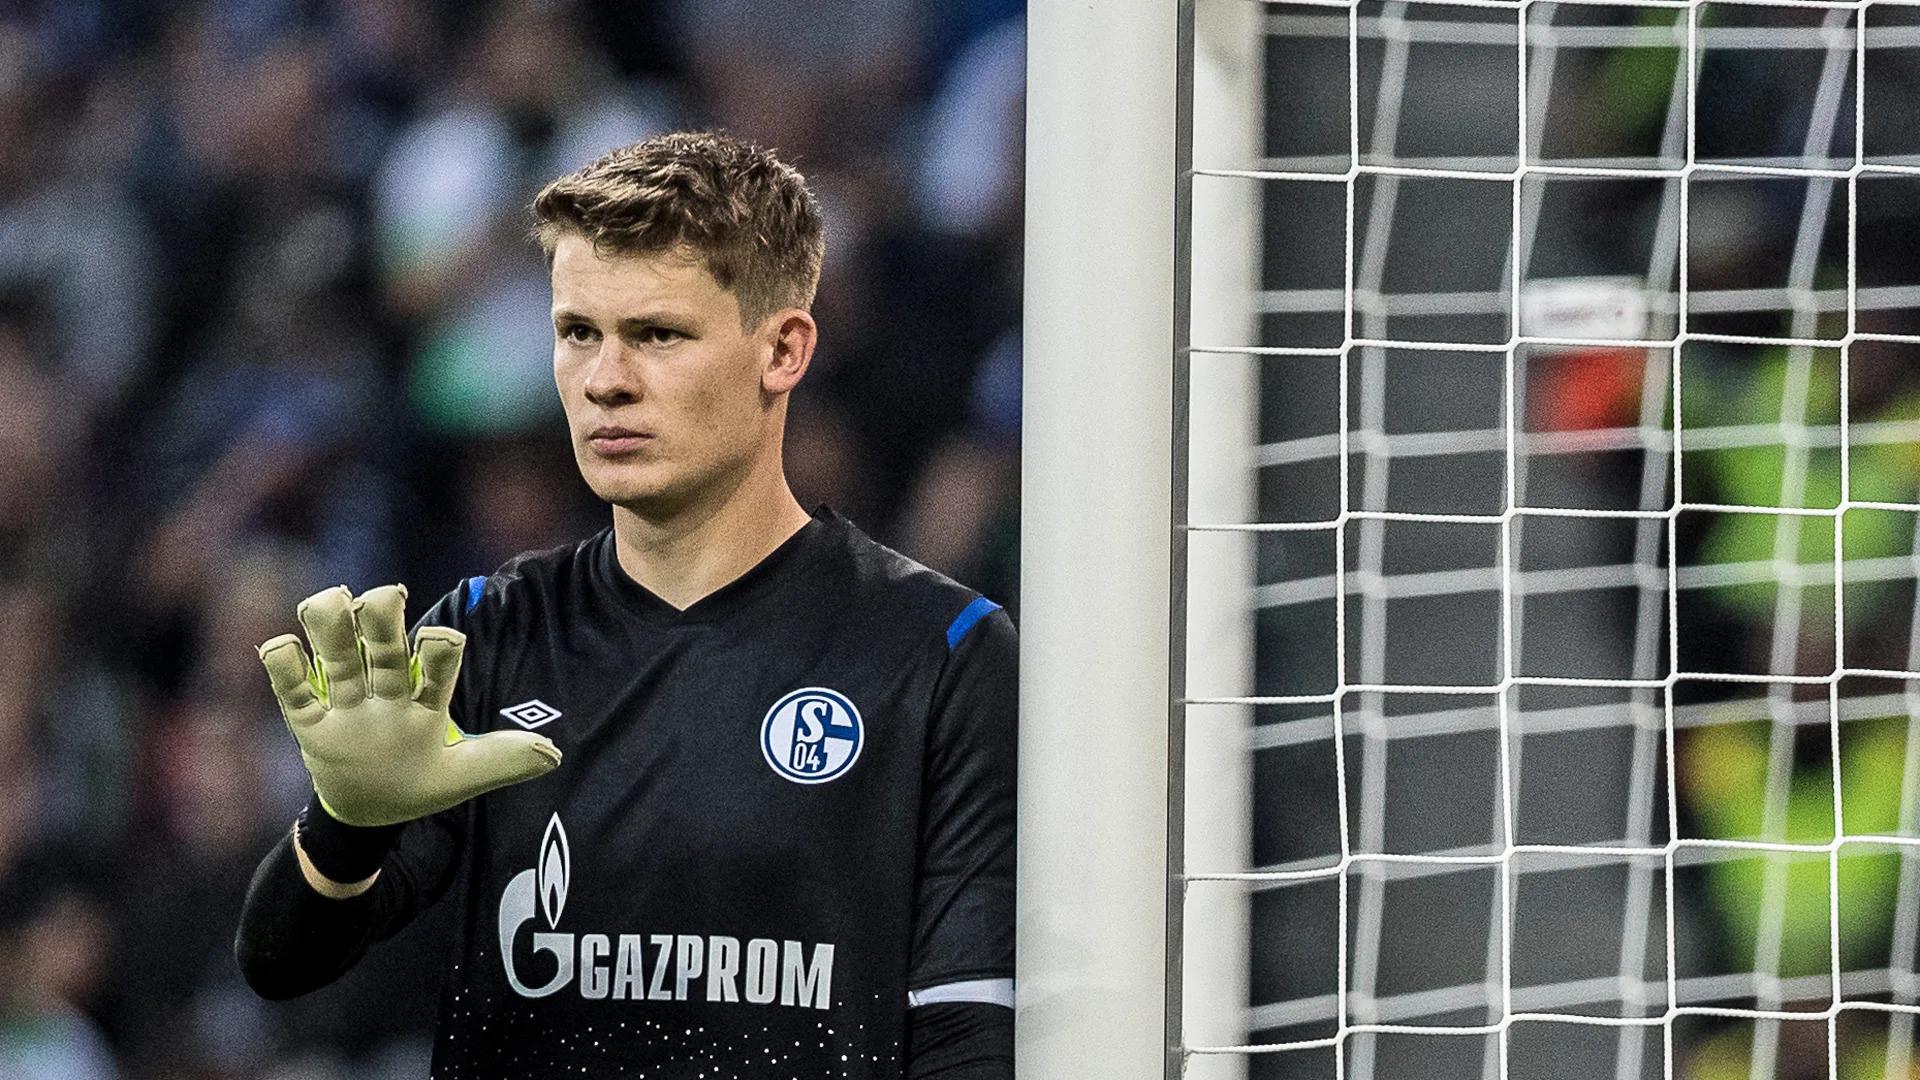 2015'ten beri Schalke 04'te forma giyen Nübel Bundesliga'da 46 maçta forma giydi.